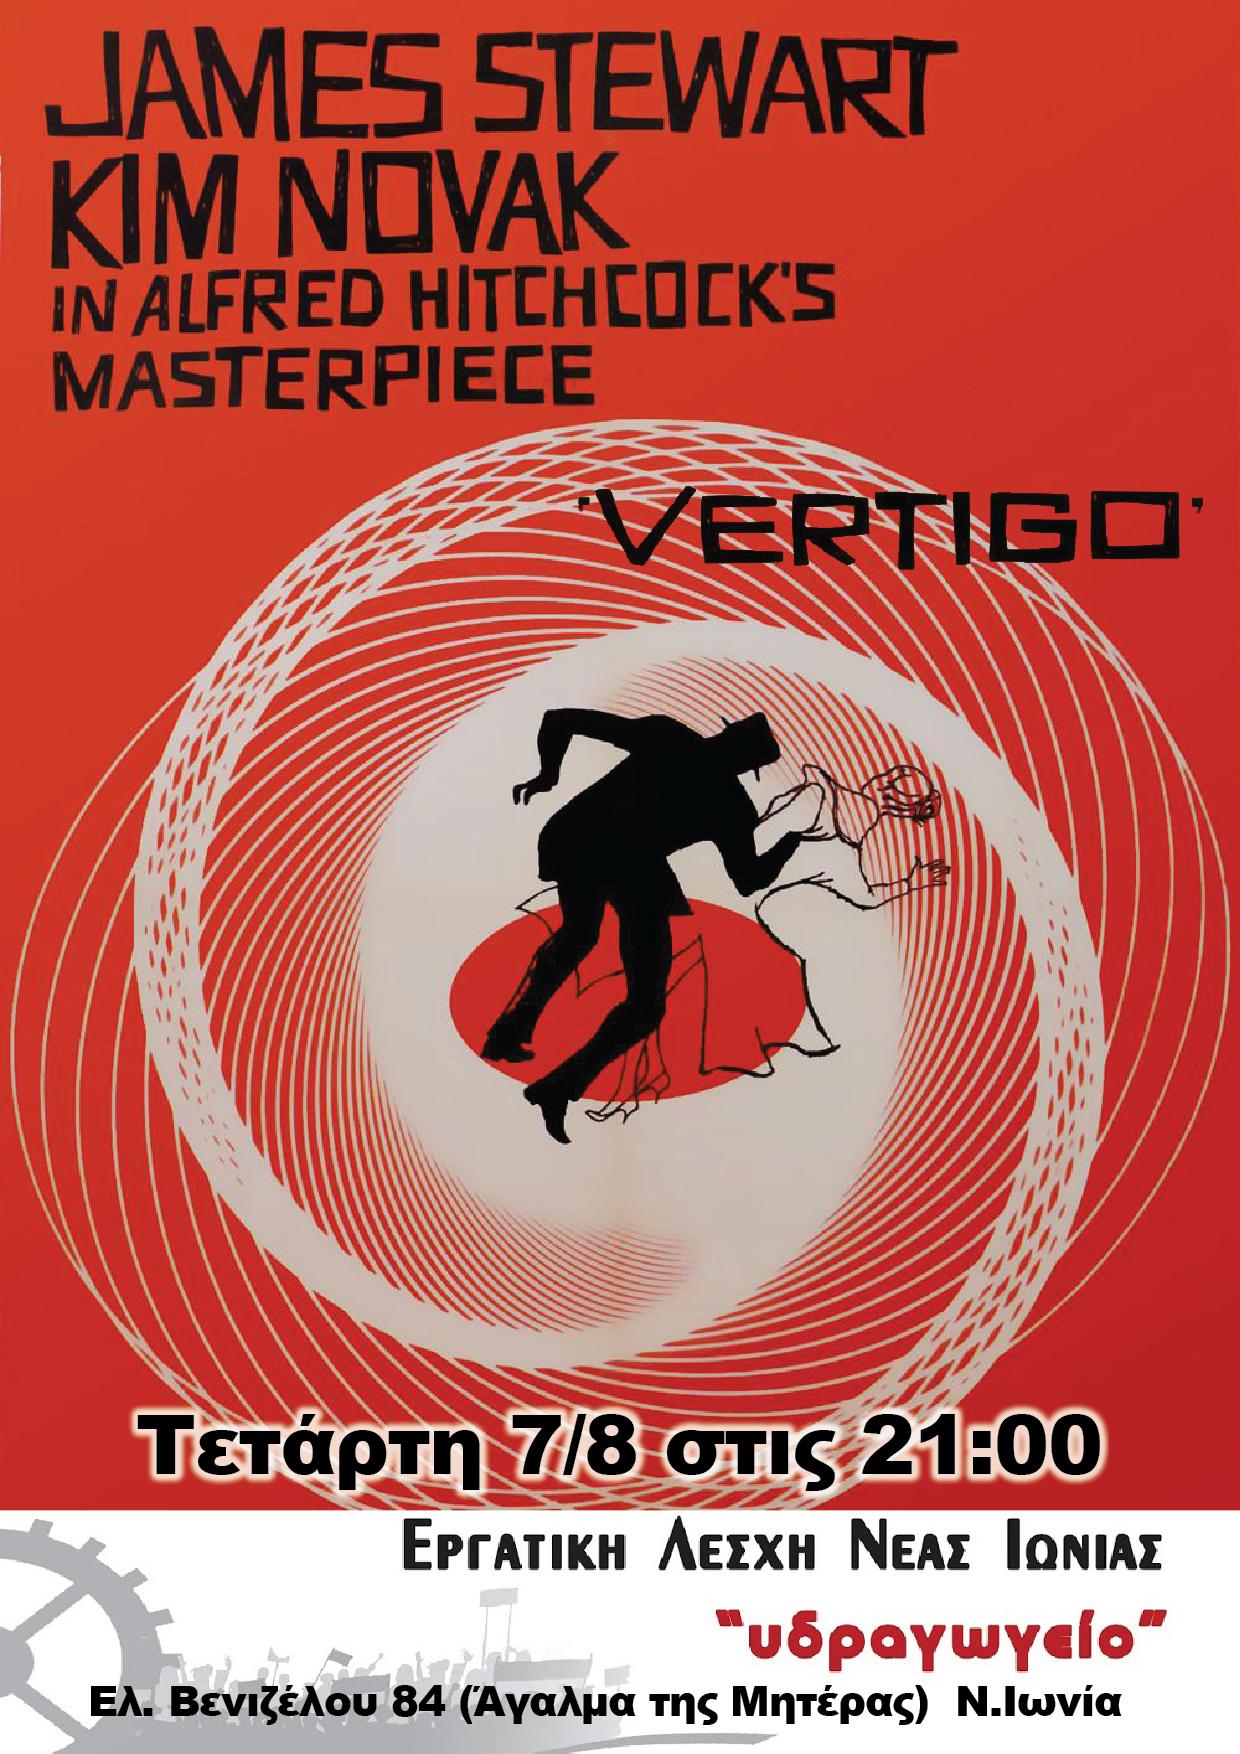 Συνεχίζουμε τις προβολές μας για όσους είναι ακόμη Αθήνα! Αυτή την Τετάρτη προβολή της ταινίας VERTIGO, Τετάρτη 7 Αυγούστου!